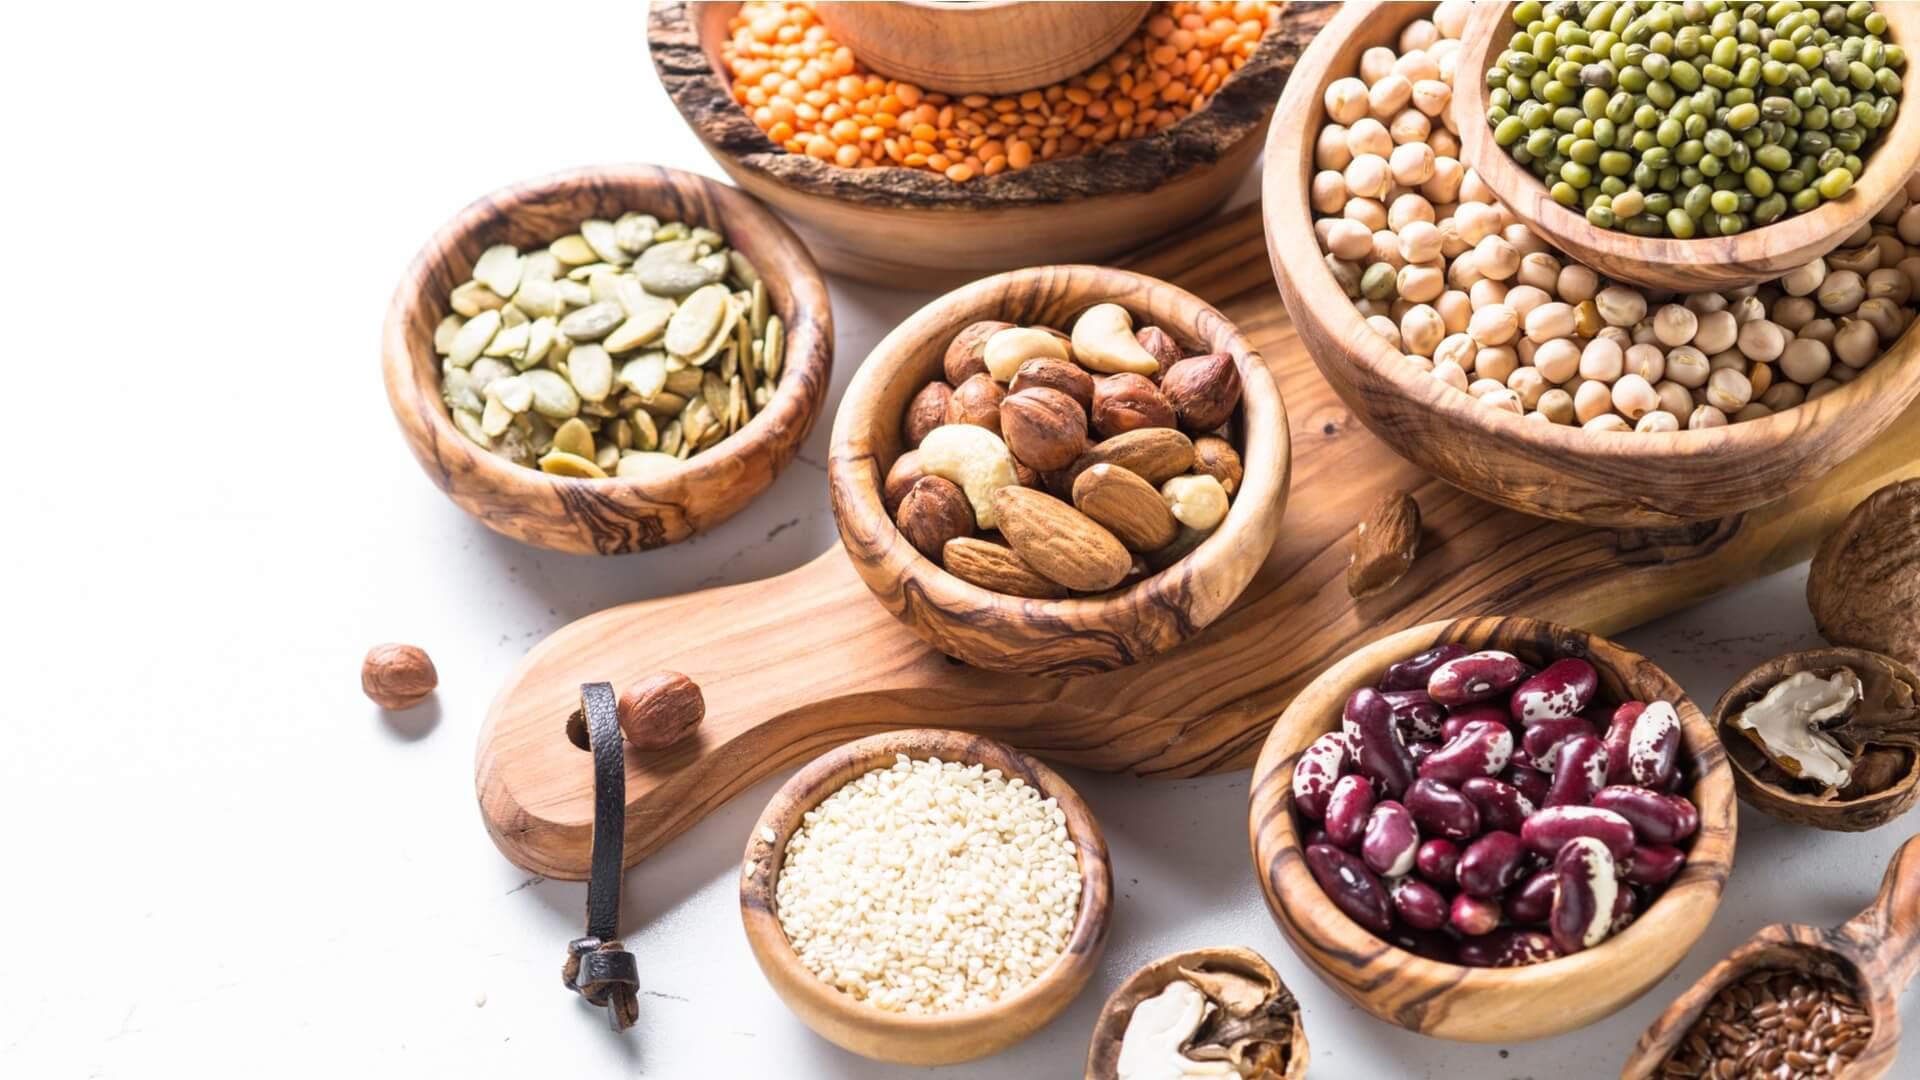 hvilke fødevarer indeholder protein